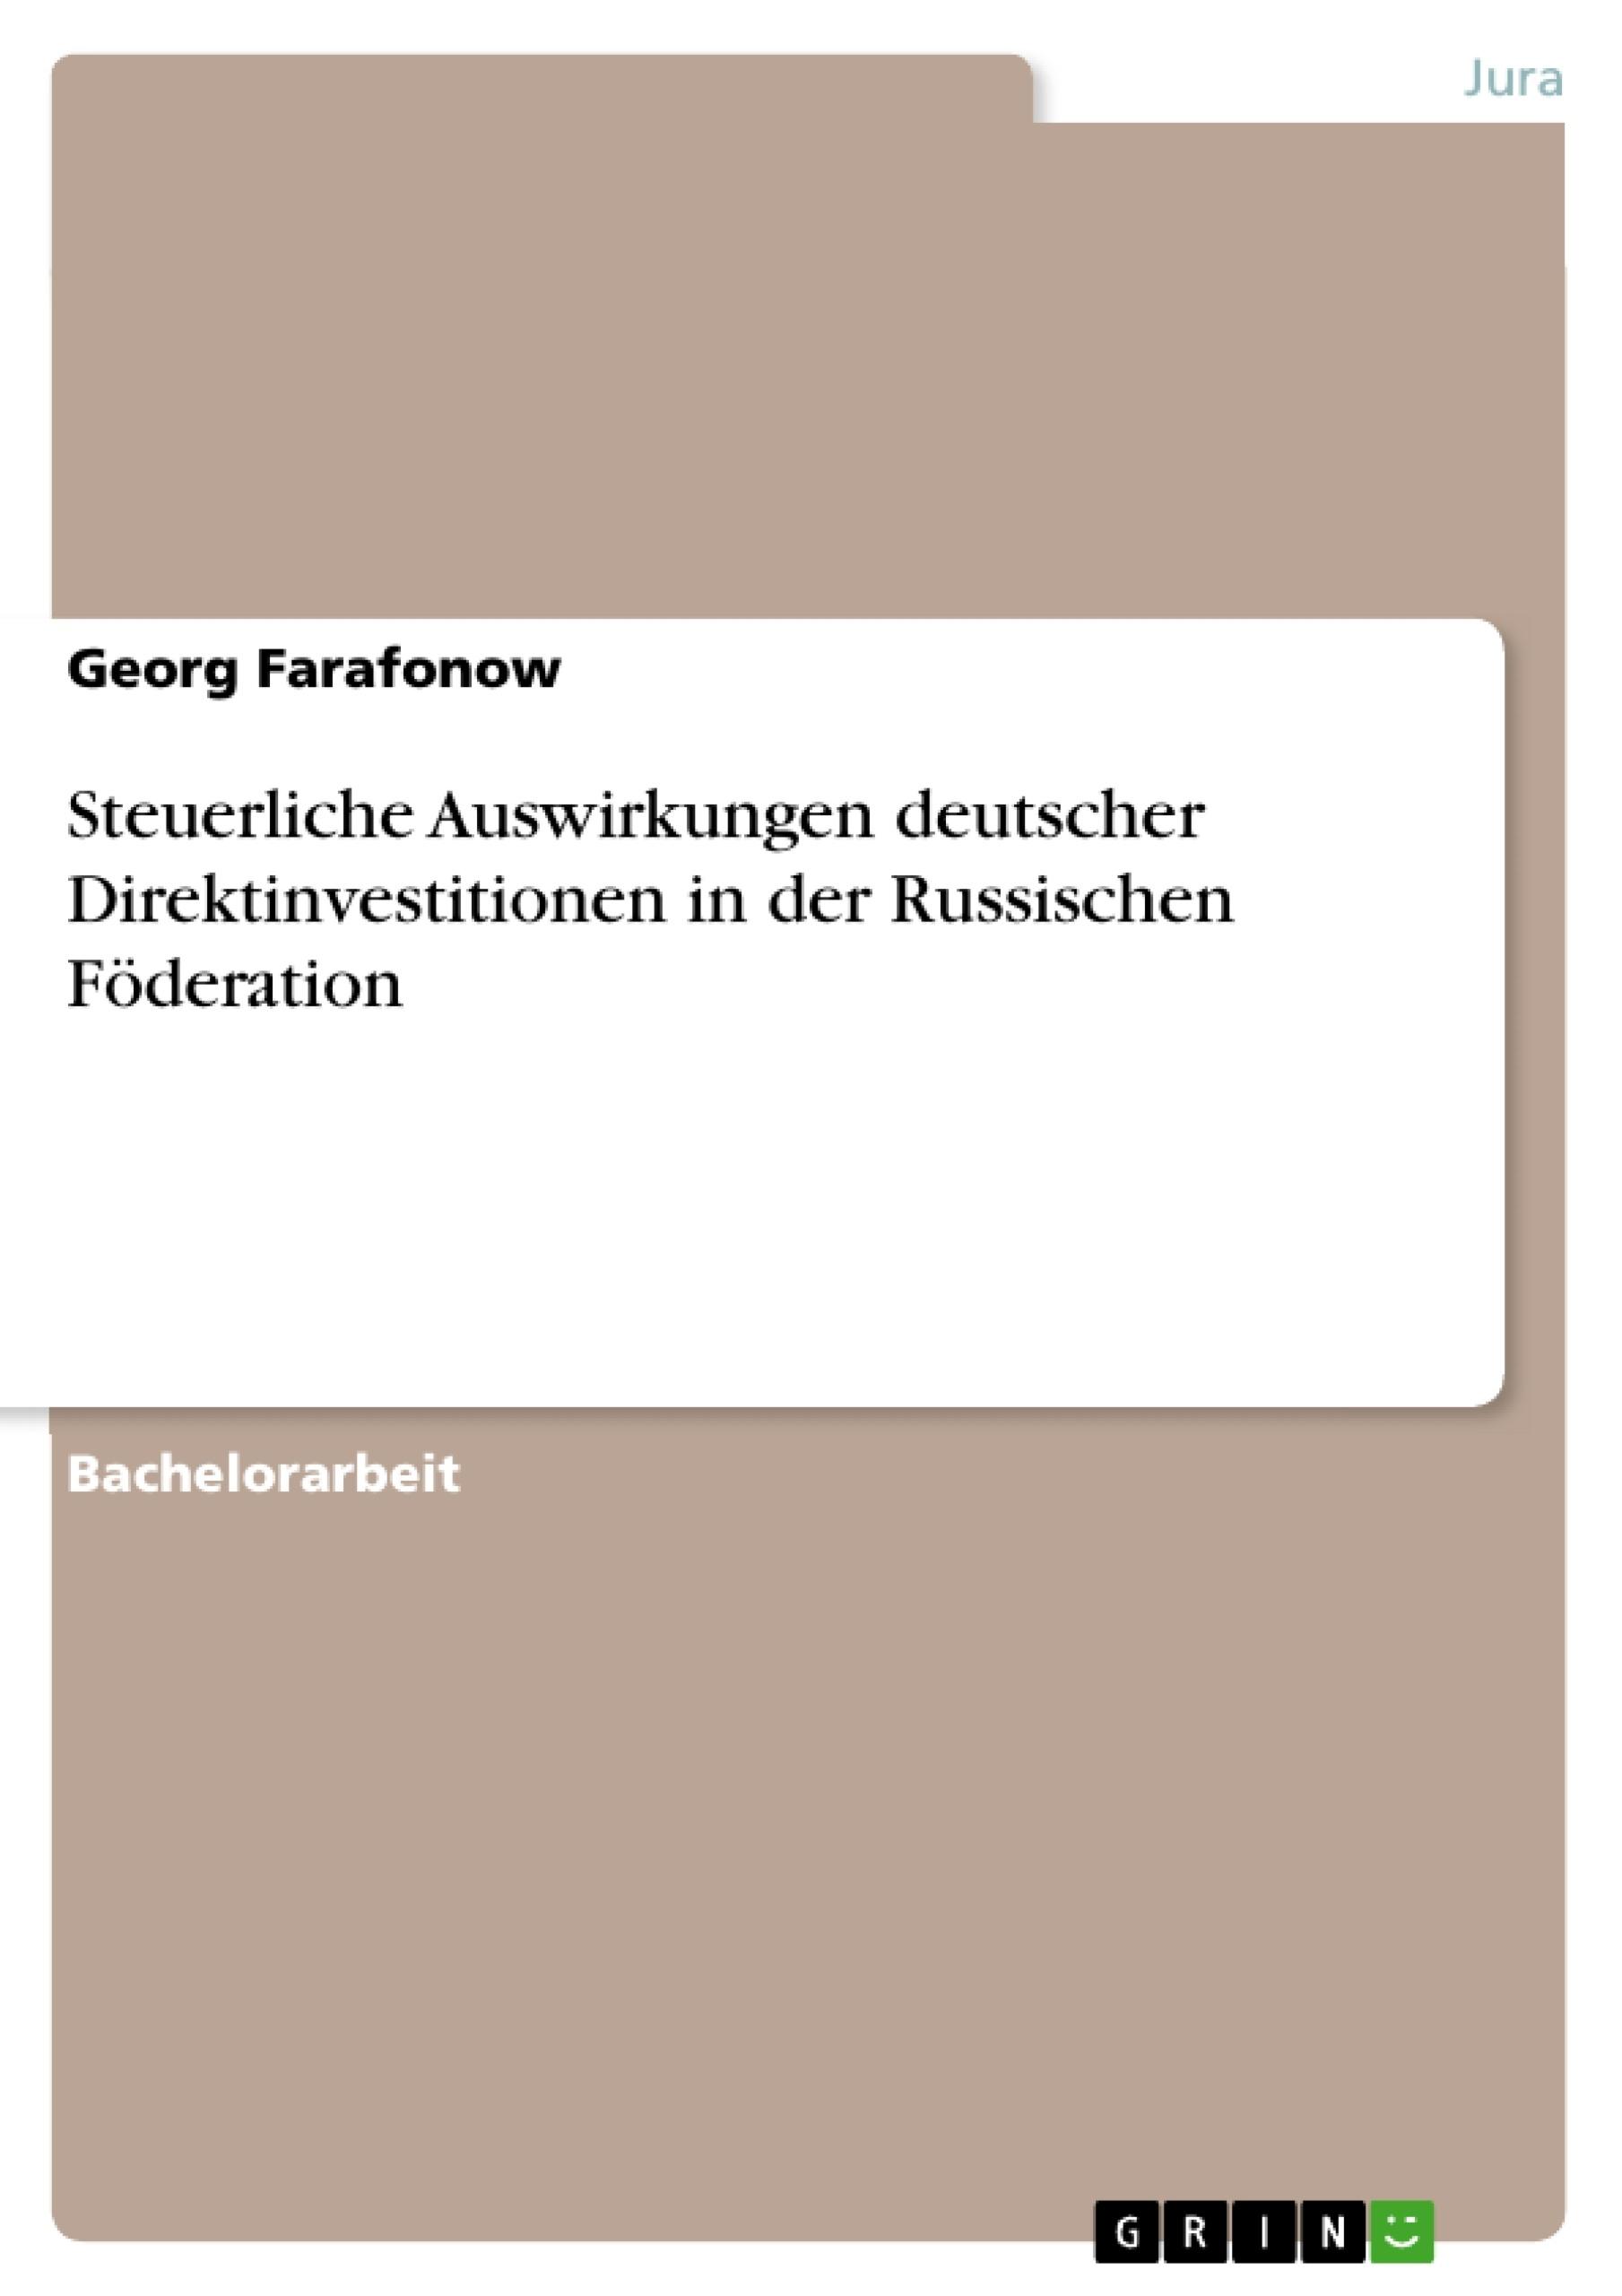 Titel: Steuerliche Auswirkungen deutscher Direktinvestitionen in der Russischen Föderation